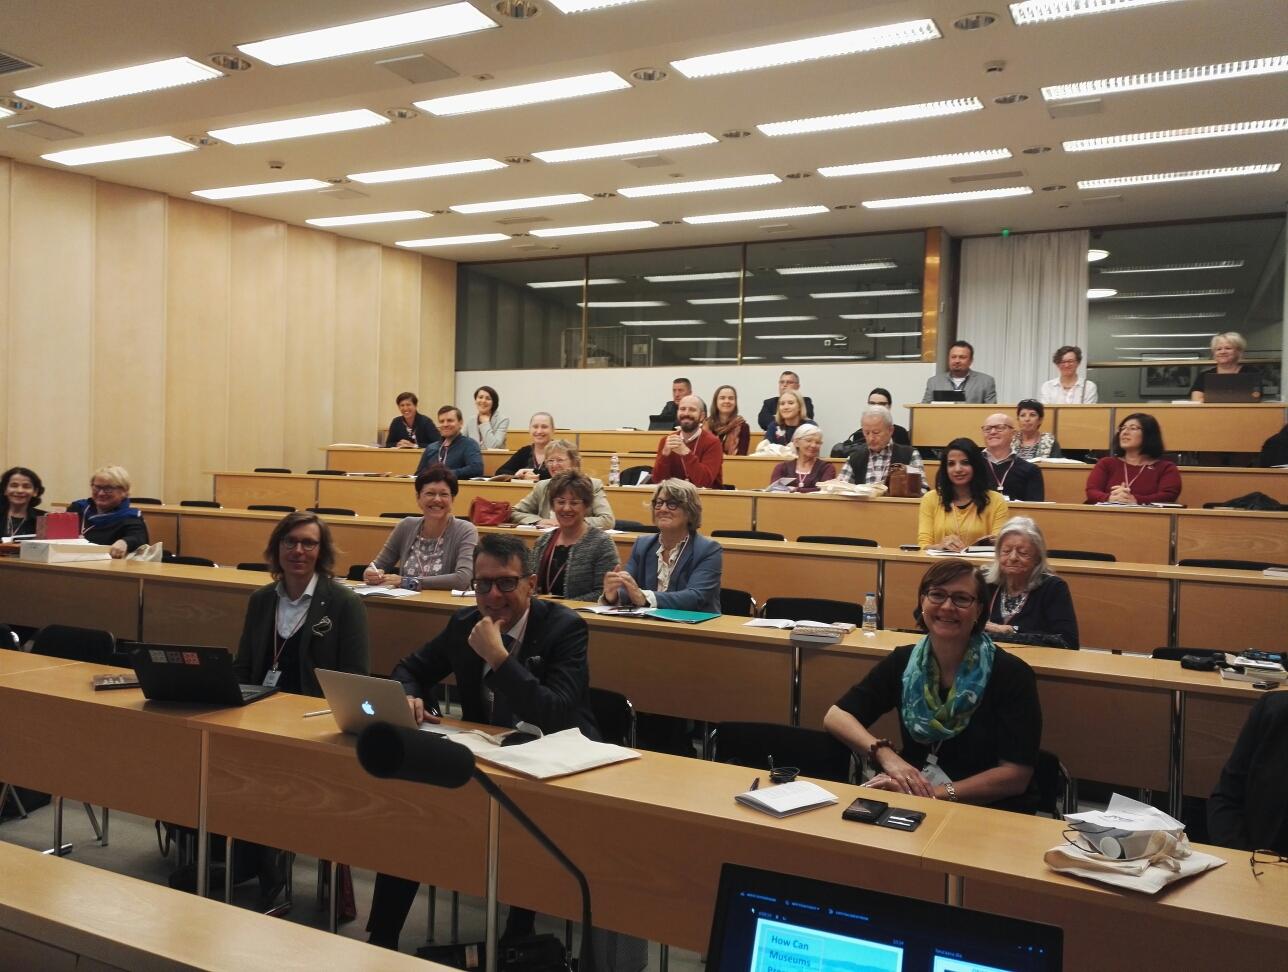 Konferenssin osallistujat Helsingin kaupungintalon auditoriossa.